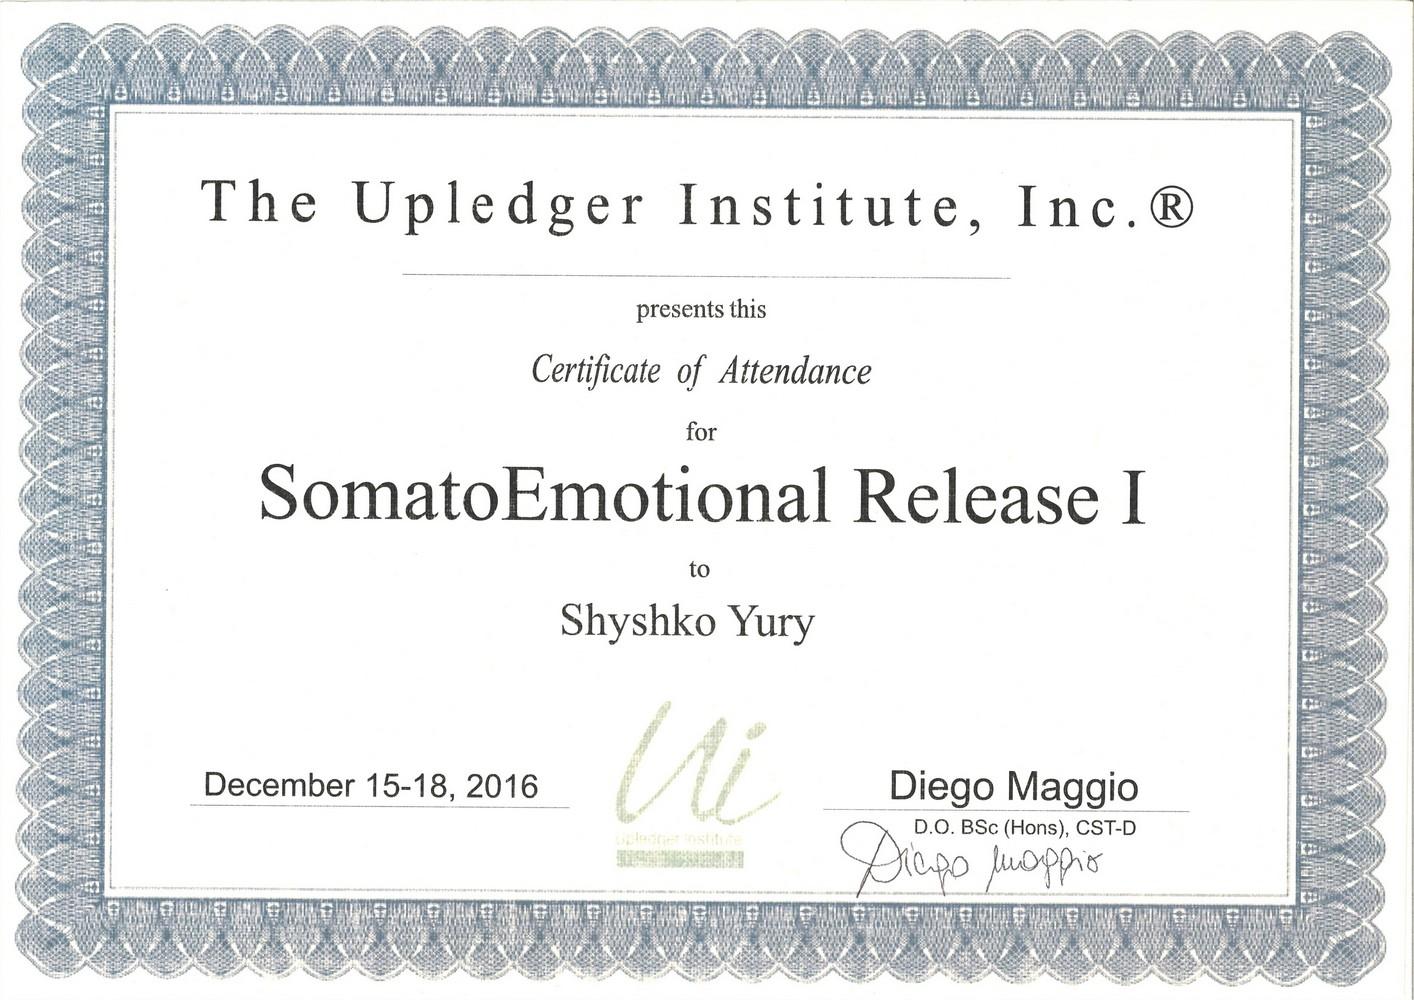 сертификат по КСТ